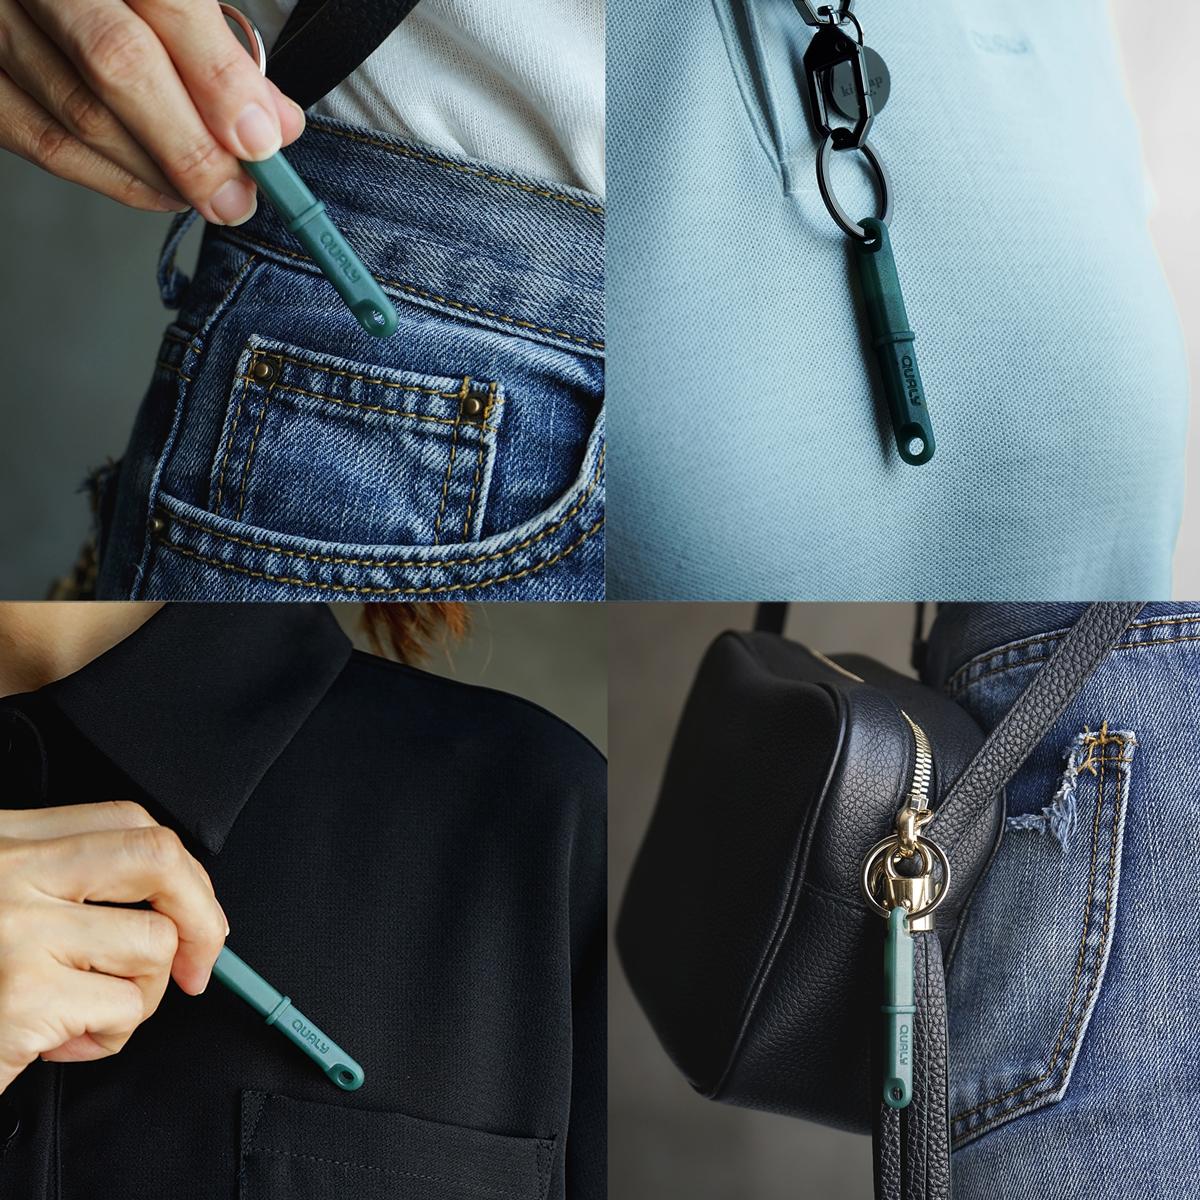 ポケットやバッグの中にそのまま収納しても、先端に付着した細菌やウィルスを拡散させないので、衛生的に持ち歩けます。ウィルスの接触感染を避ける、小さくてスリムな非接触ツール。衛生的に持ち歩ける「プッシュスティック」|QUALY